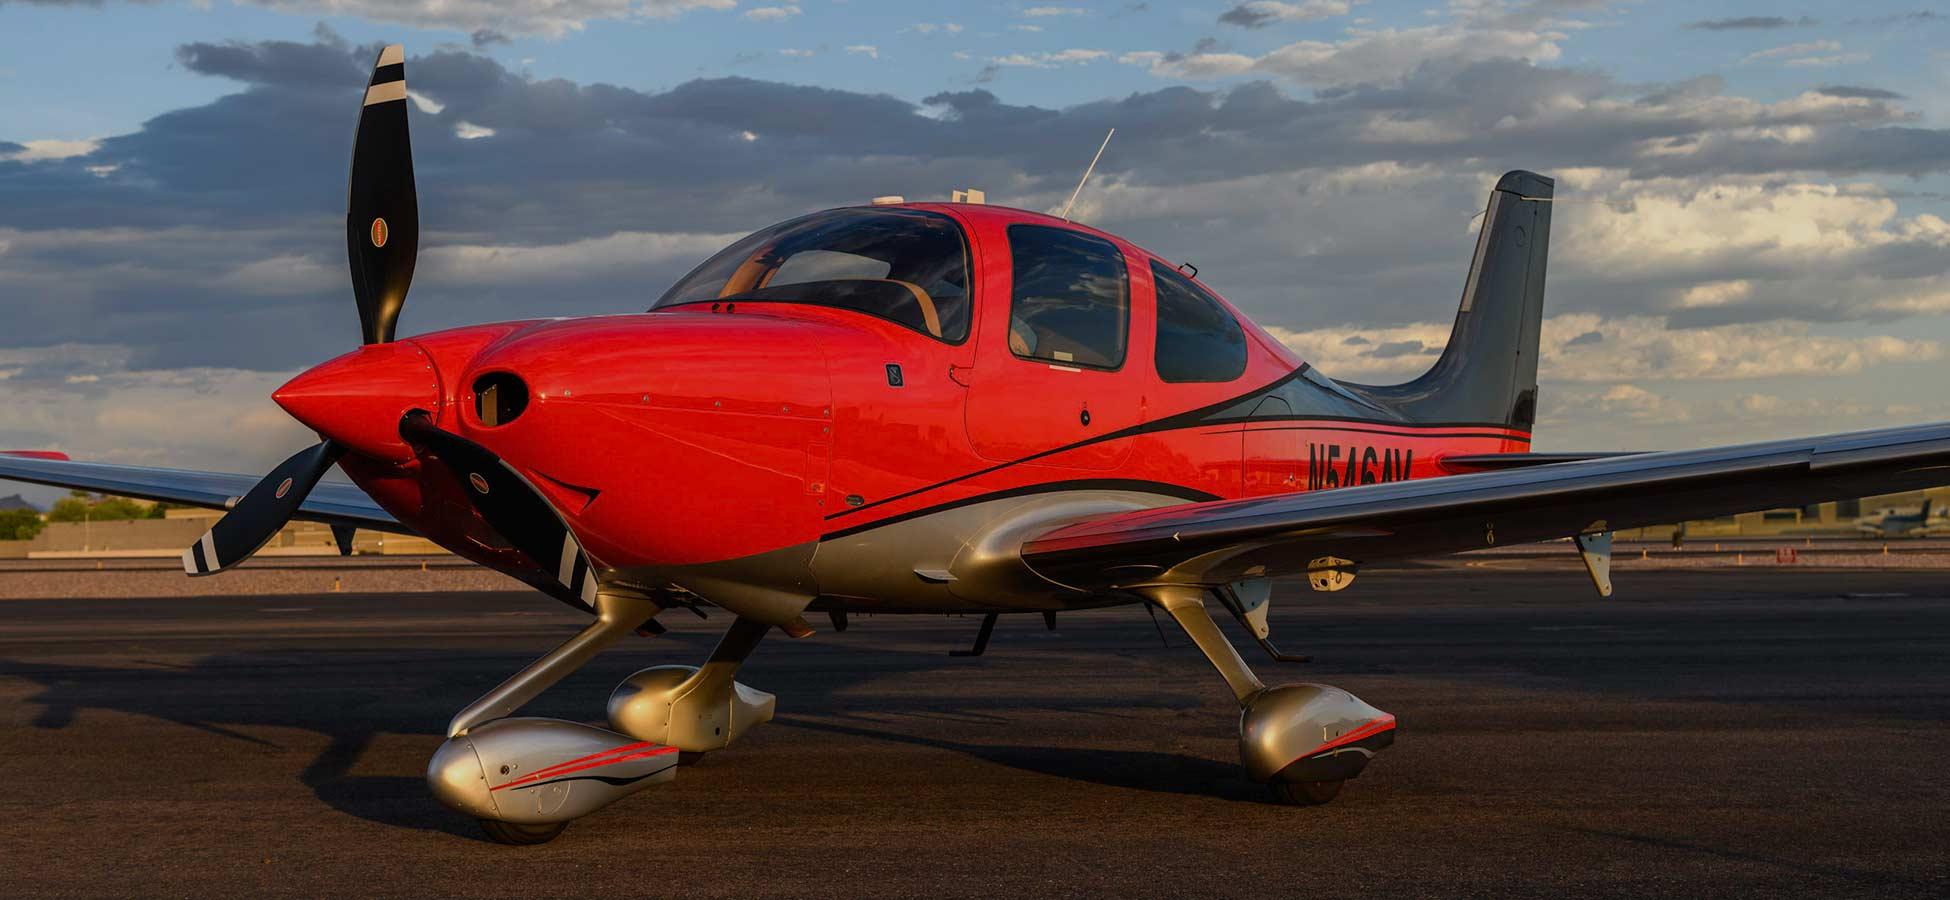 Cirrus Flight Training in Scottsdale